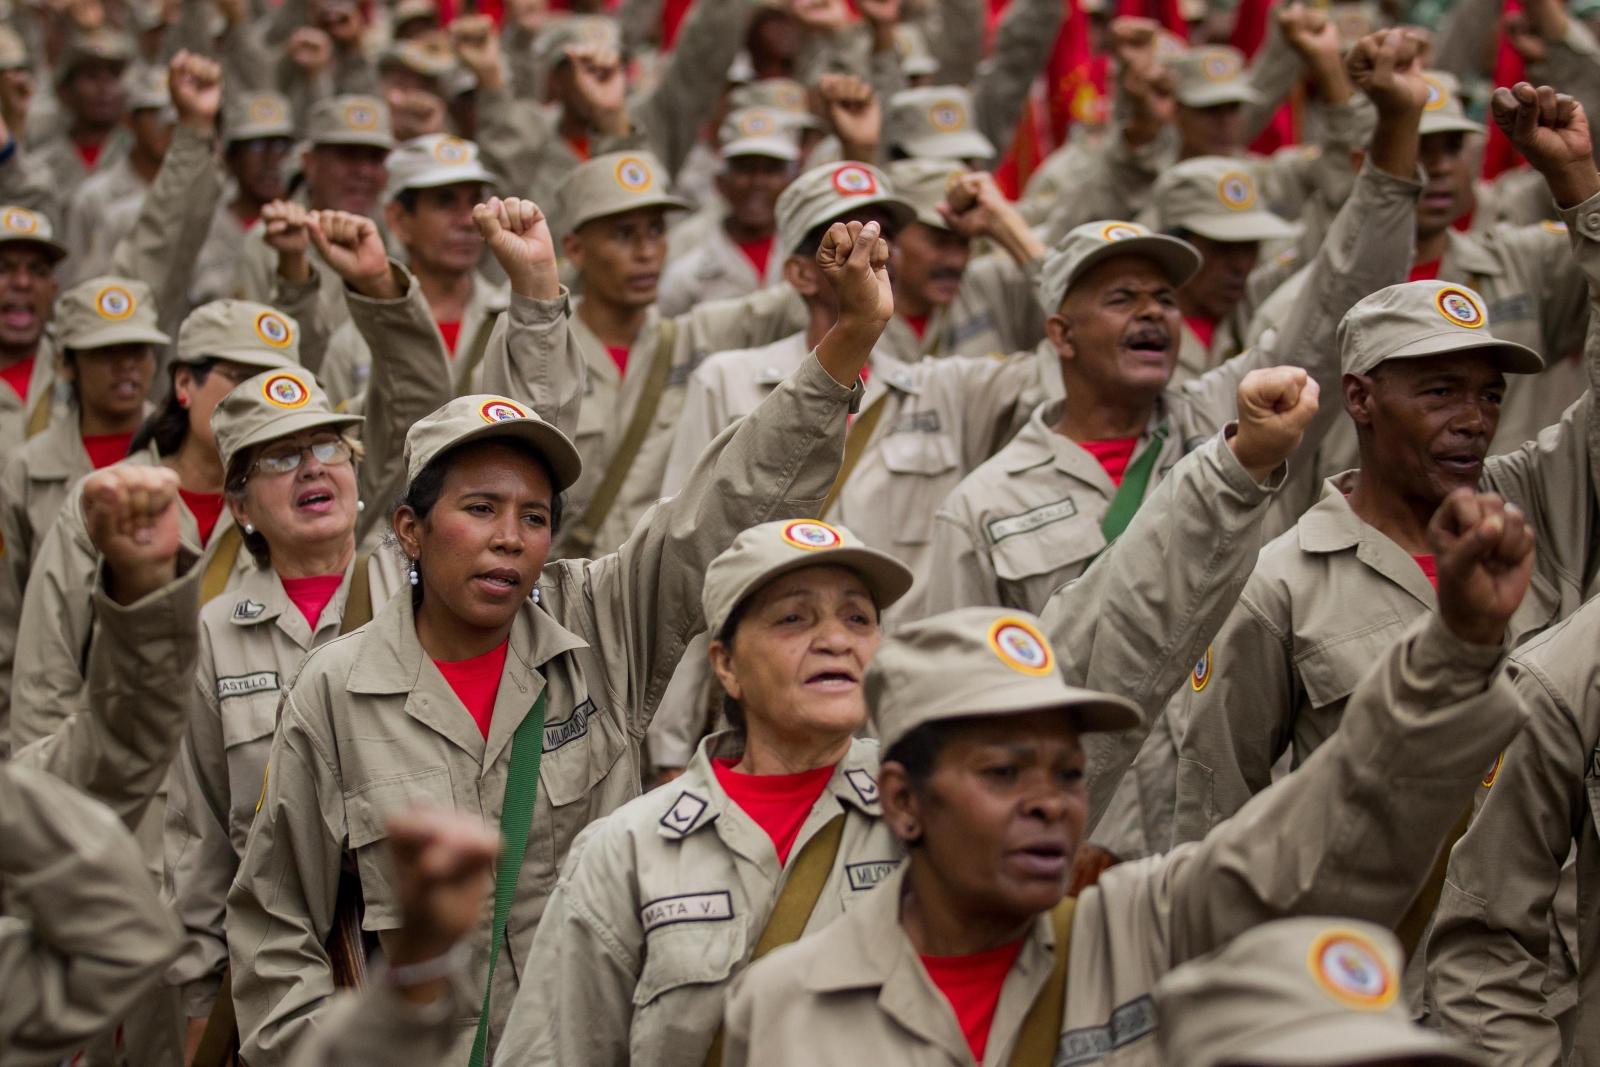 Członkowie Wenezuelskiej Milicji świętują siódmą rocznicę powstania.